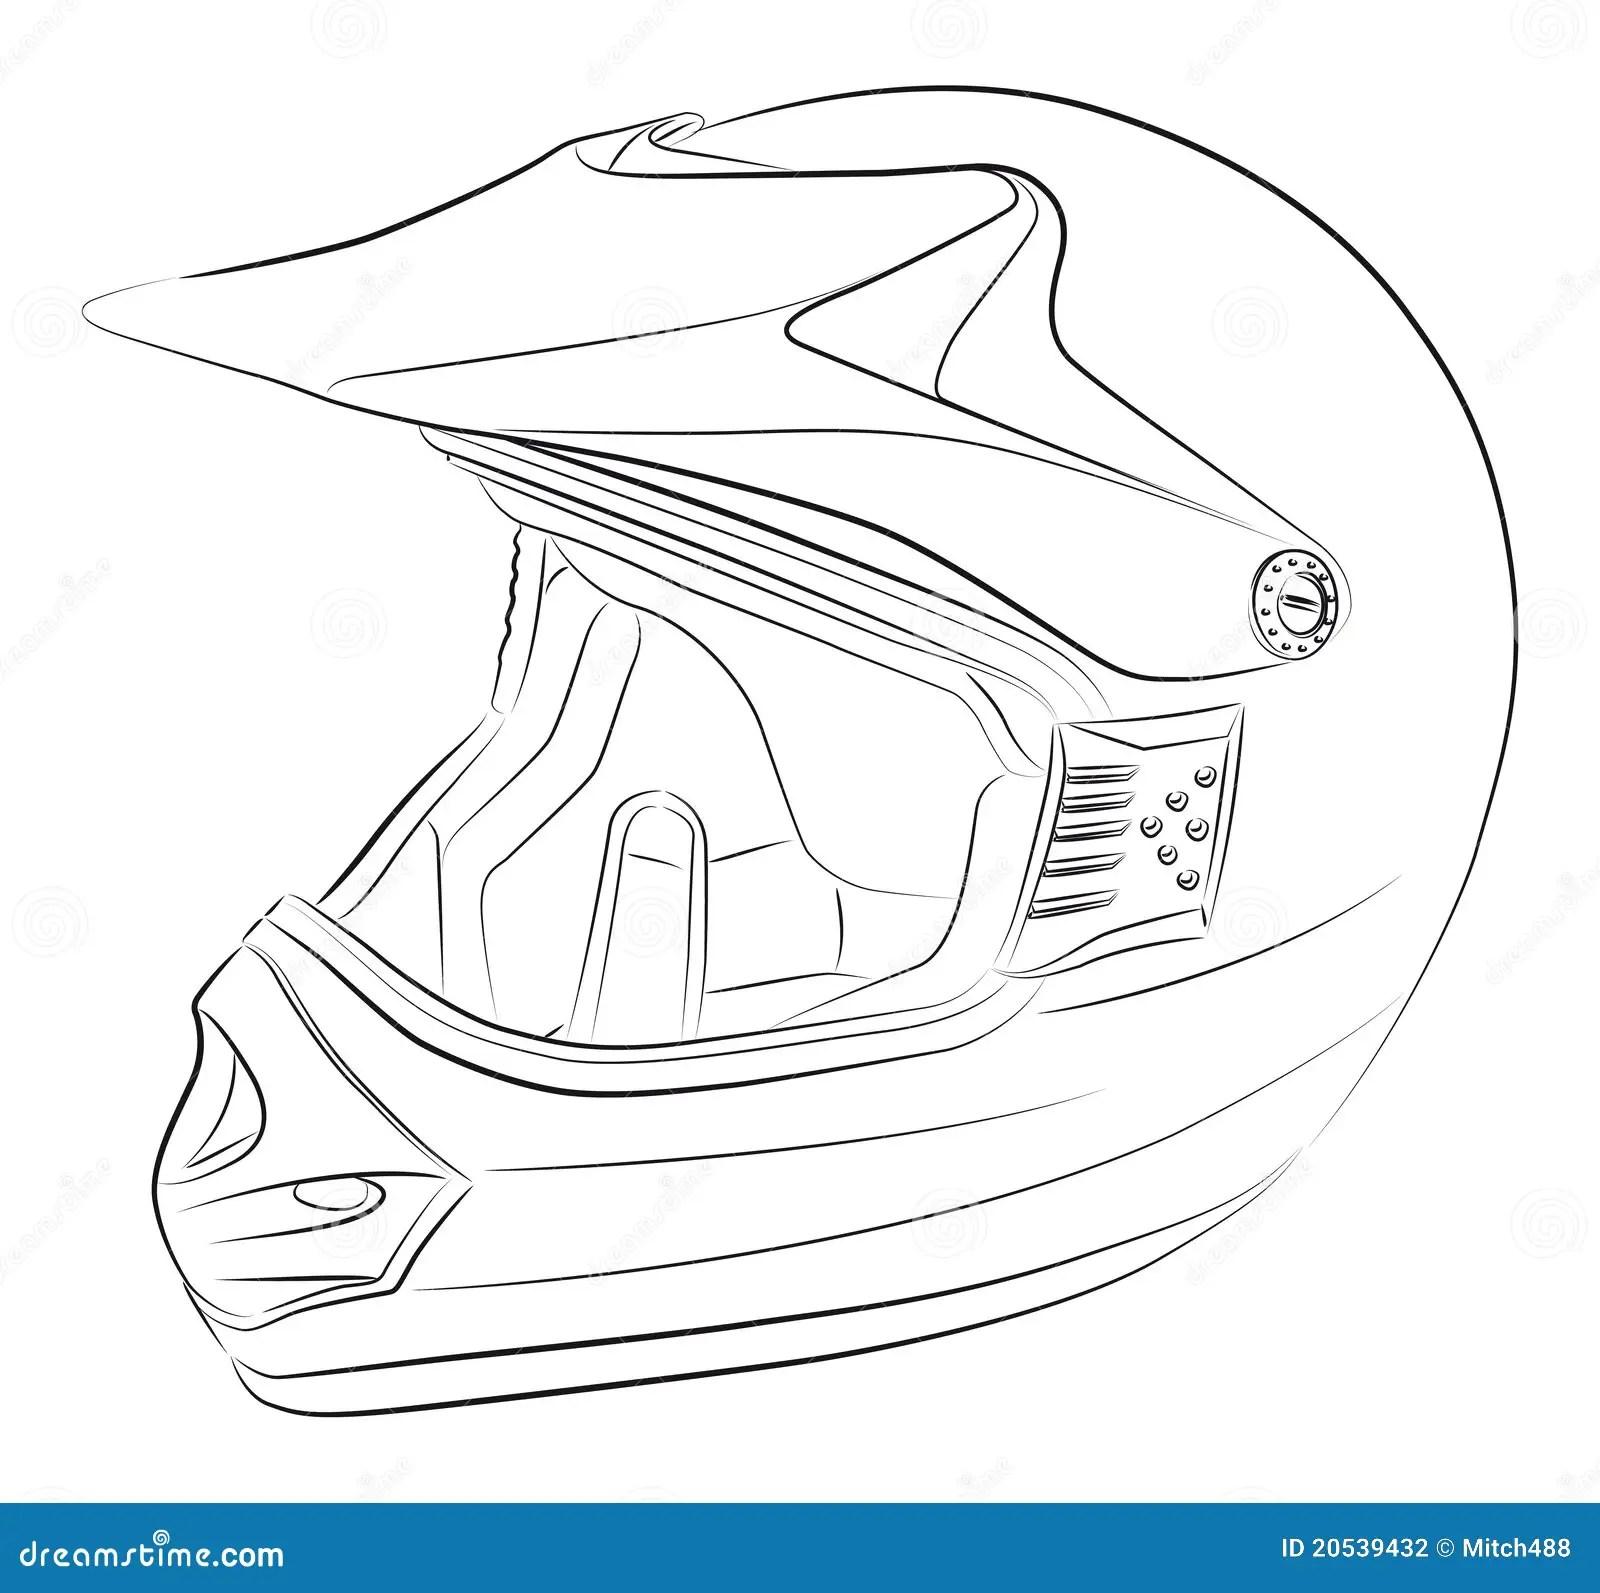 Motocross Helmet Drawing Stock Vector Illustration Of